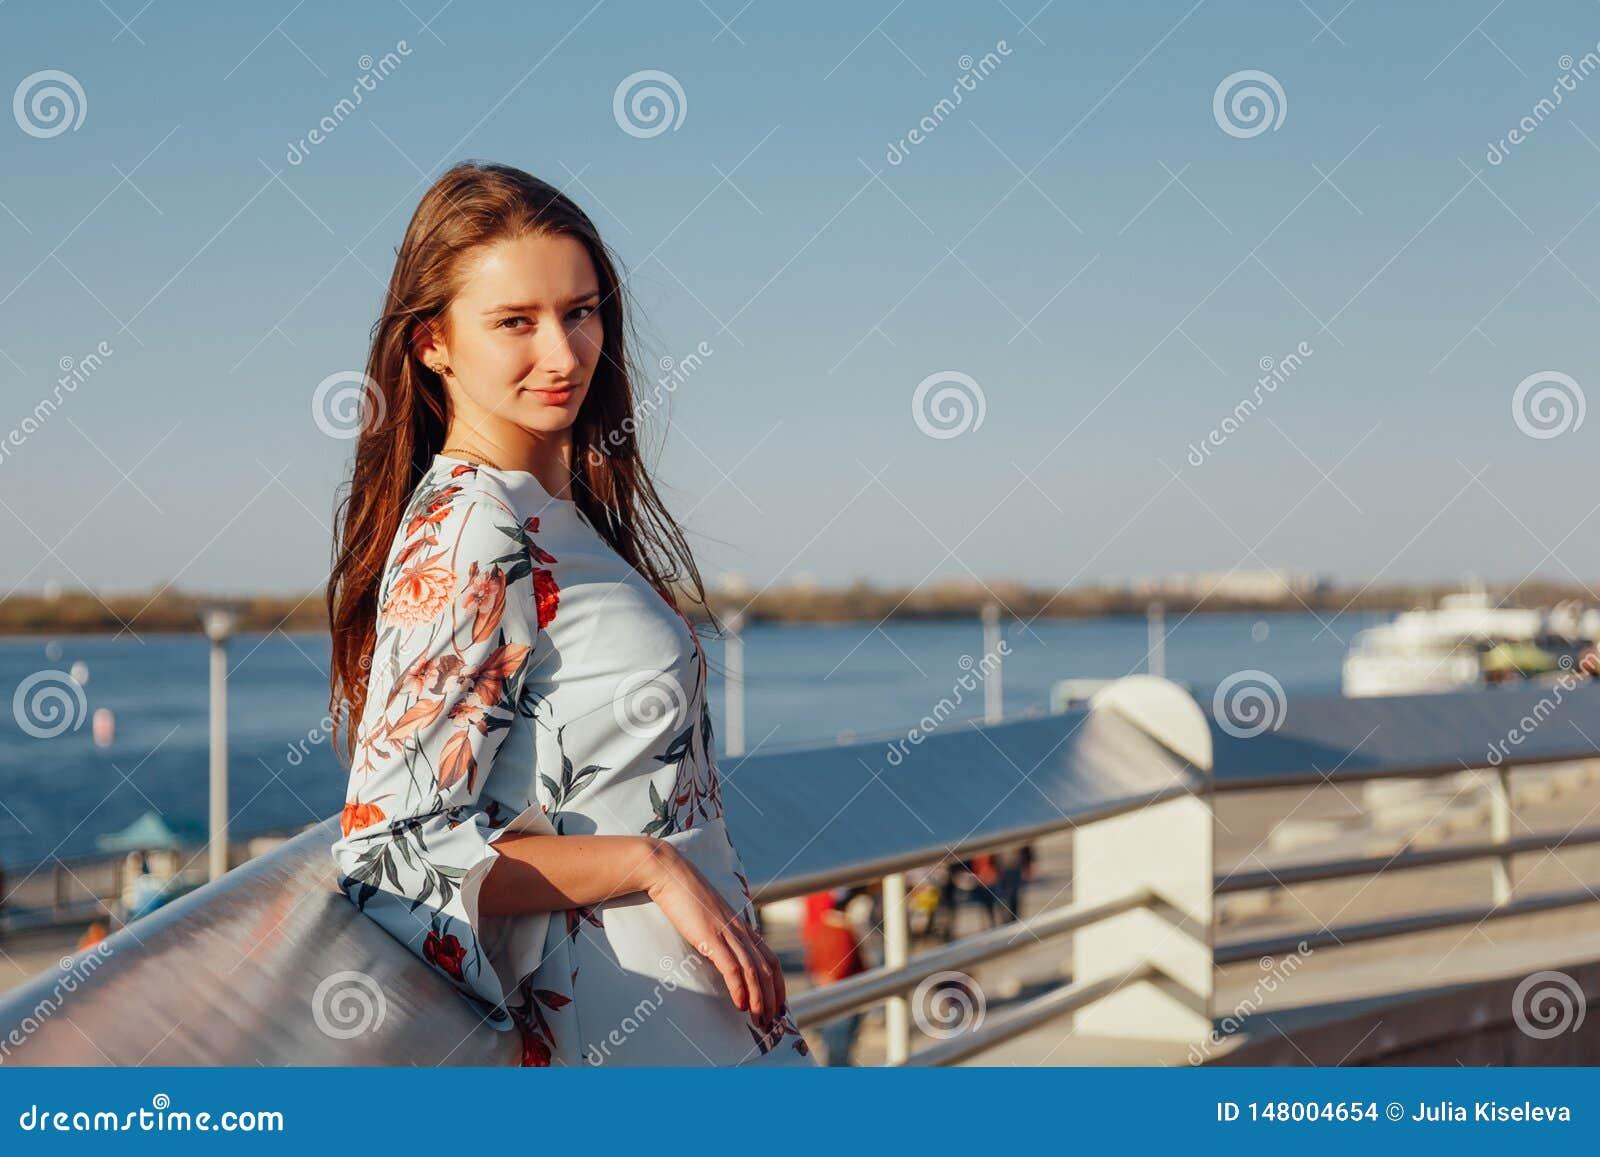 Retrato do close-up de uma jovem mulher com cabelo louro longo, vestido em um vestido elegante azul